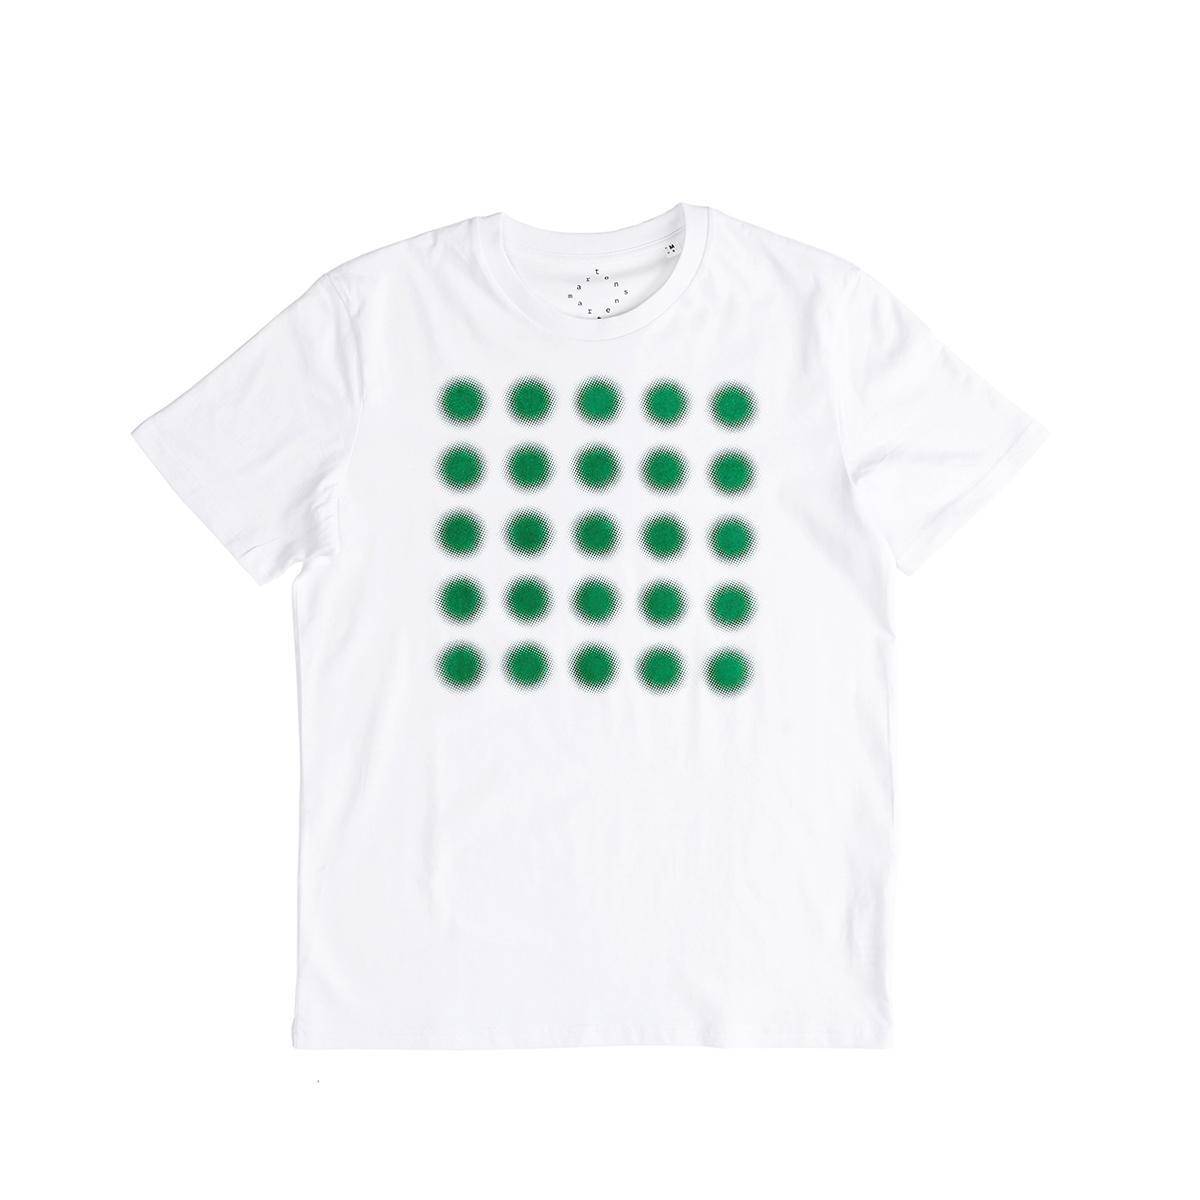 플랫폼엘 martens and martens t-shirt with printed dots (green, M)